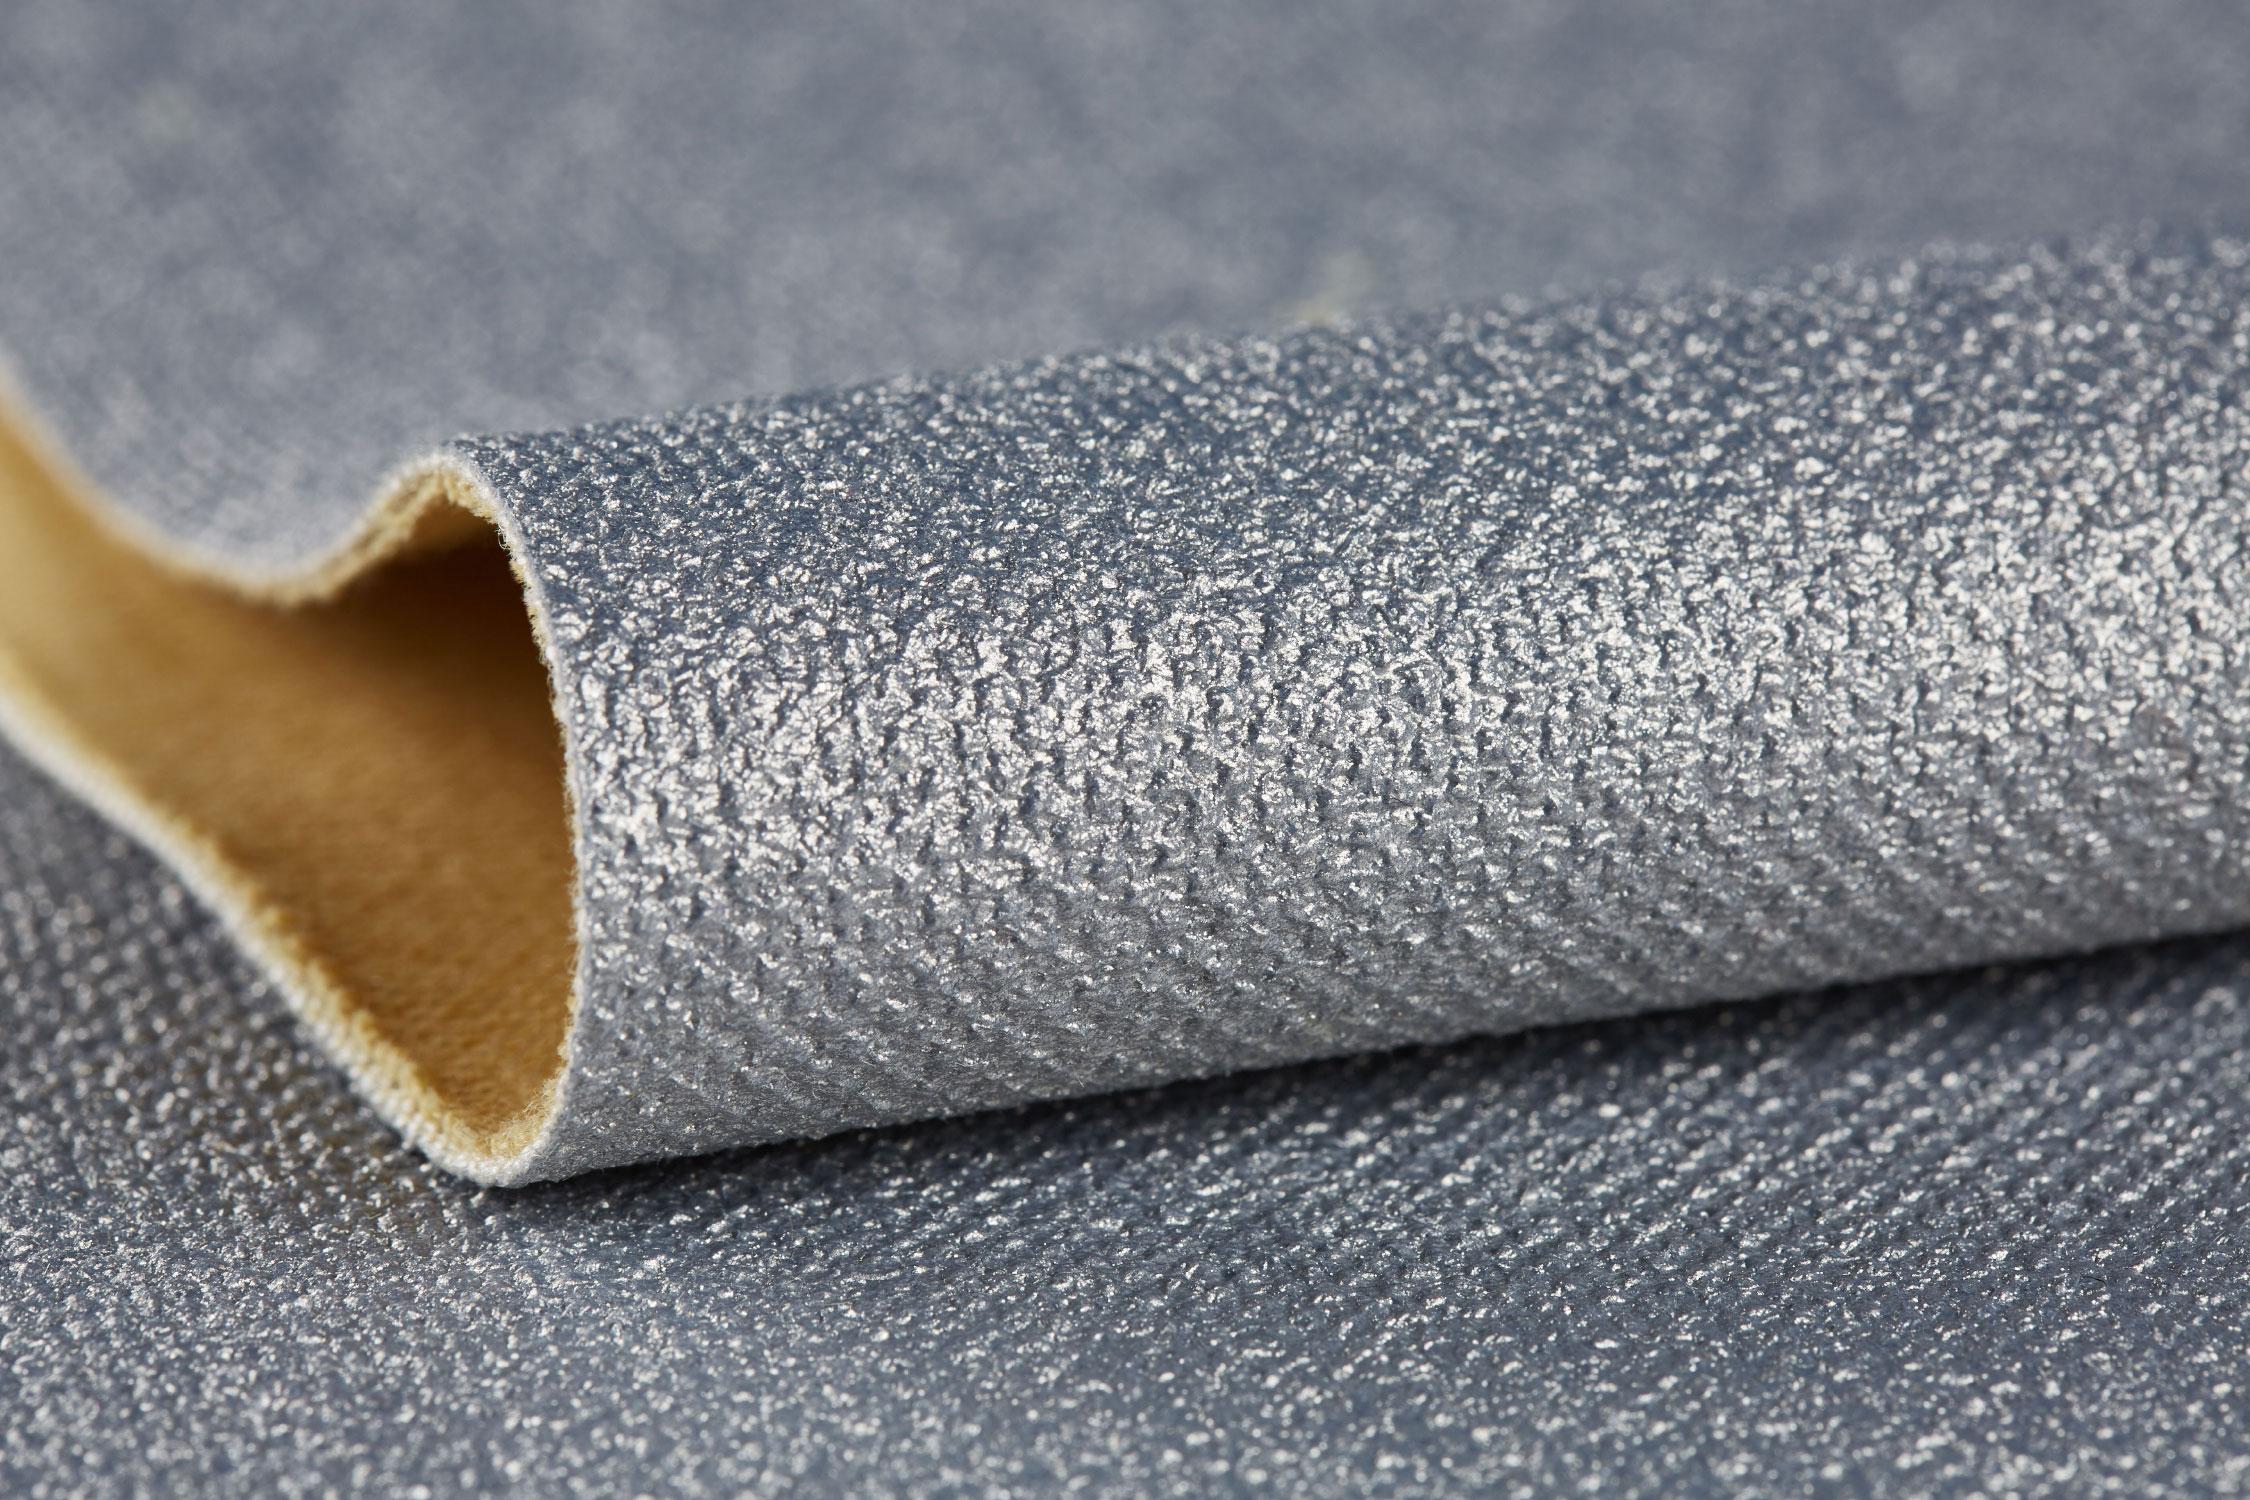 Schutzhüllen von Germancover.de für Industrie und Gewerbe. Alle Abdeckungen sind Made in Germany.